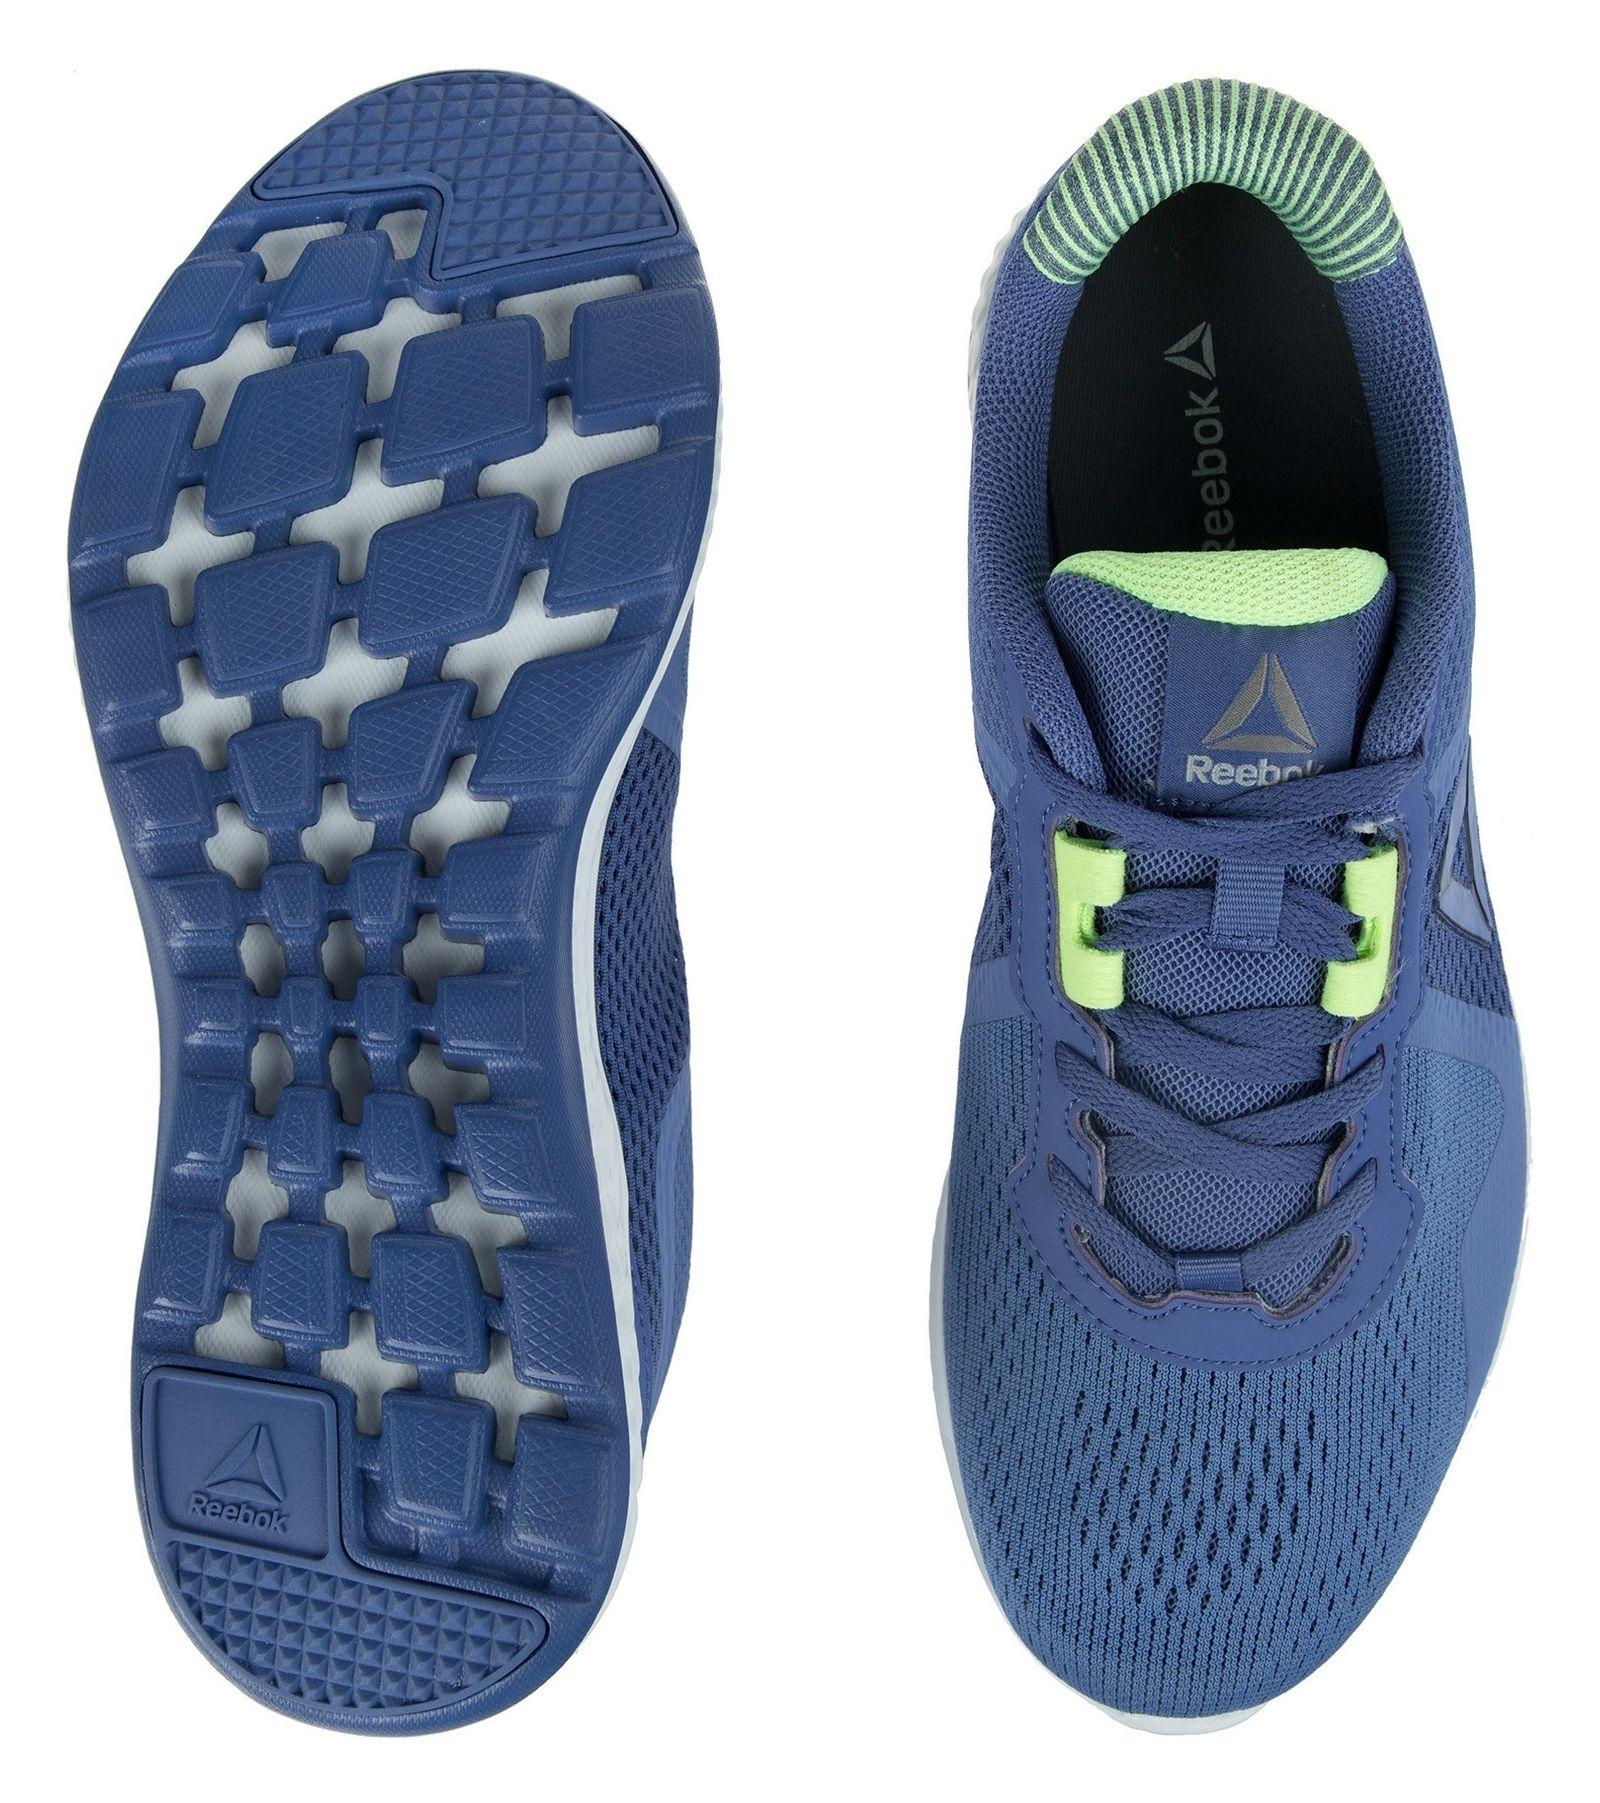 کفش دویدن بندی زنانه Astroride Duo Edge - ریباک - آبي - 2